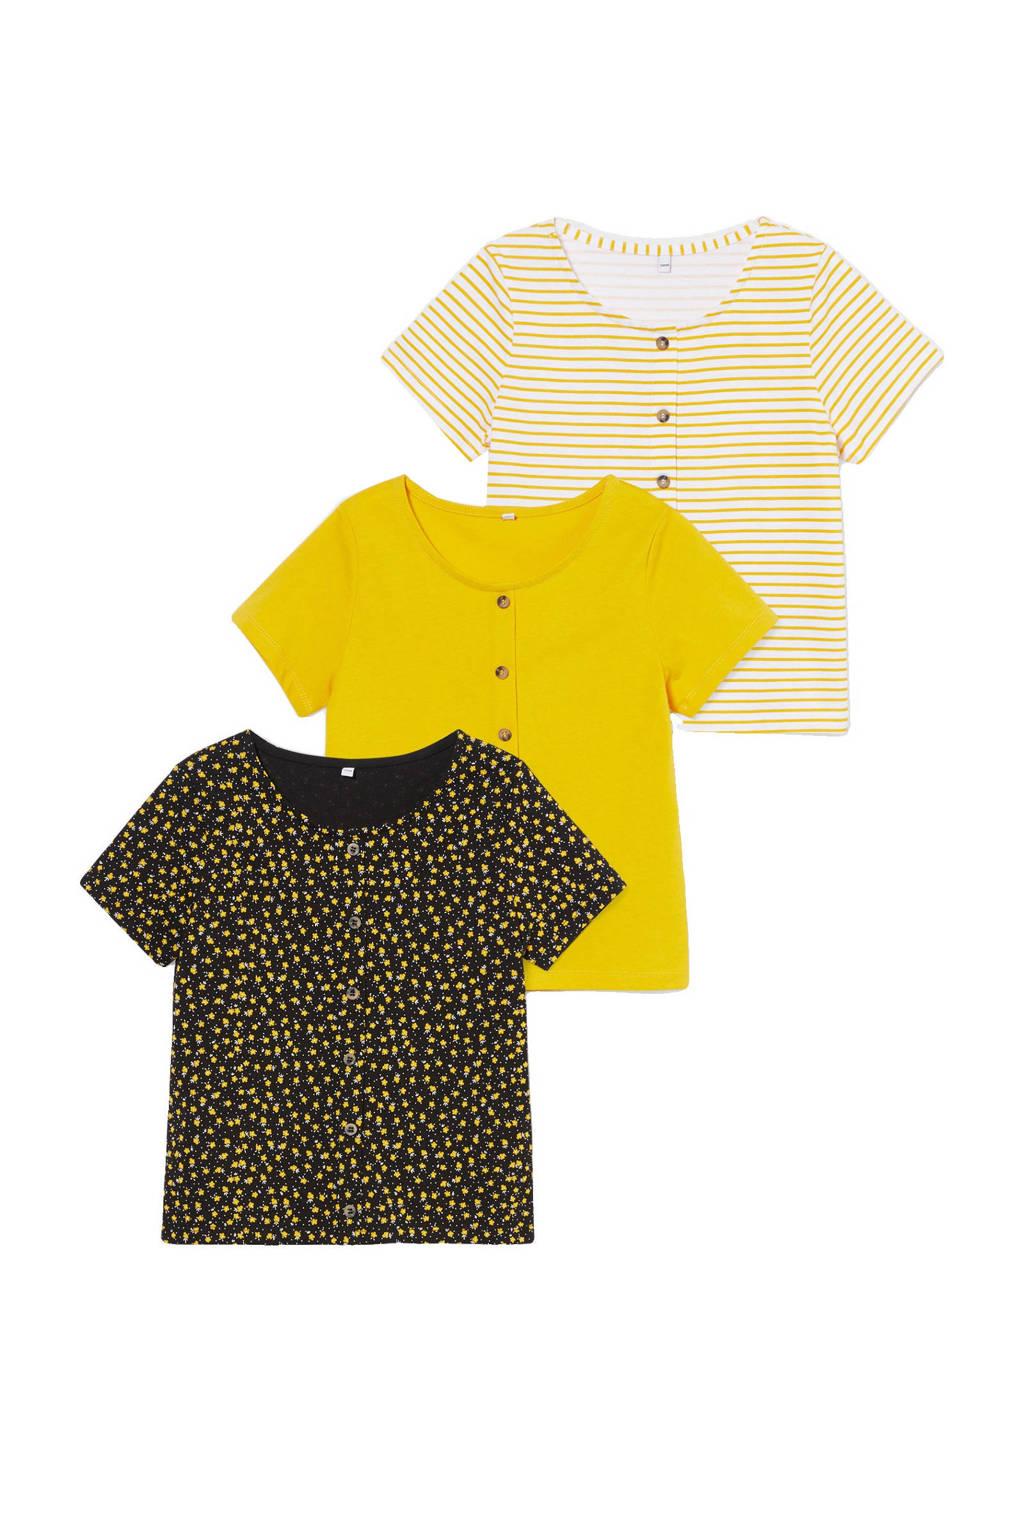 C&A Here & There T-shirt - set van 3 geel/zwart/wit, Geel/zwart/wit